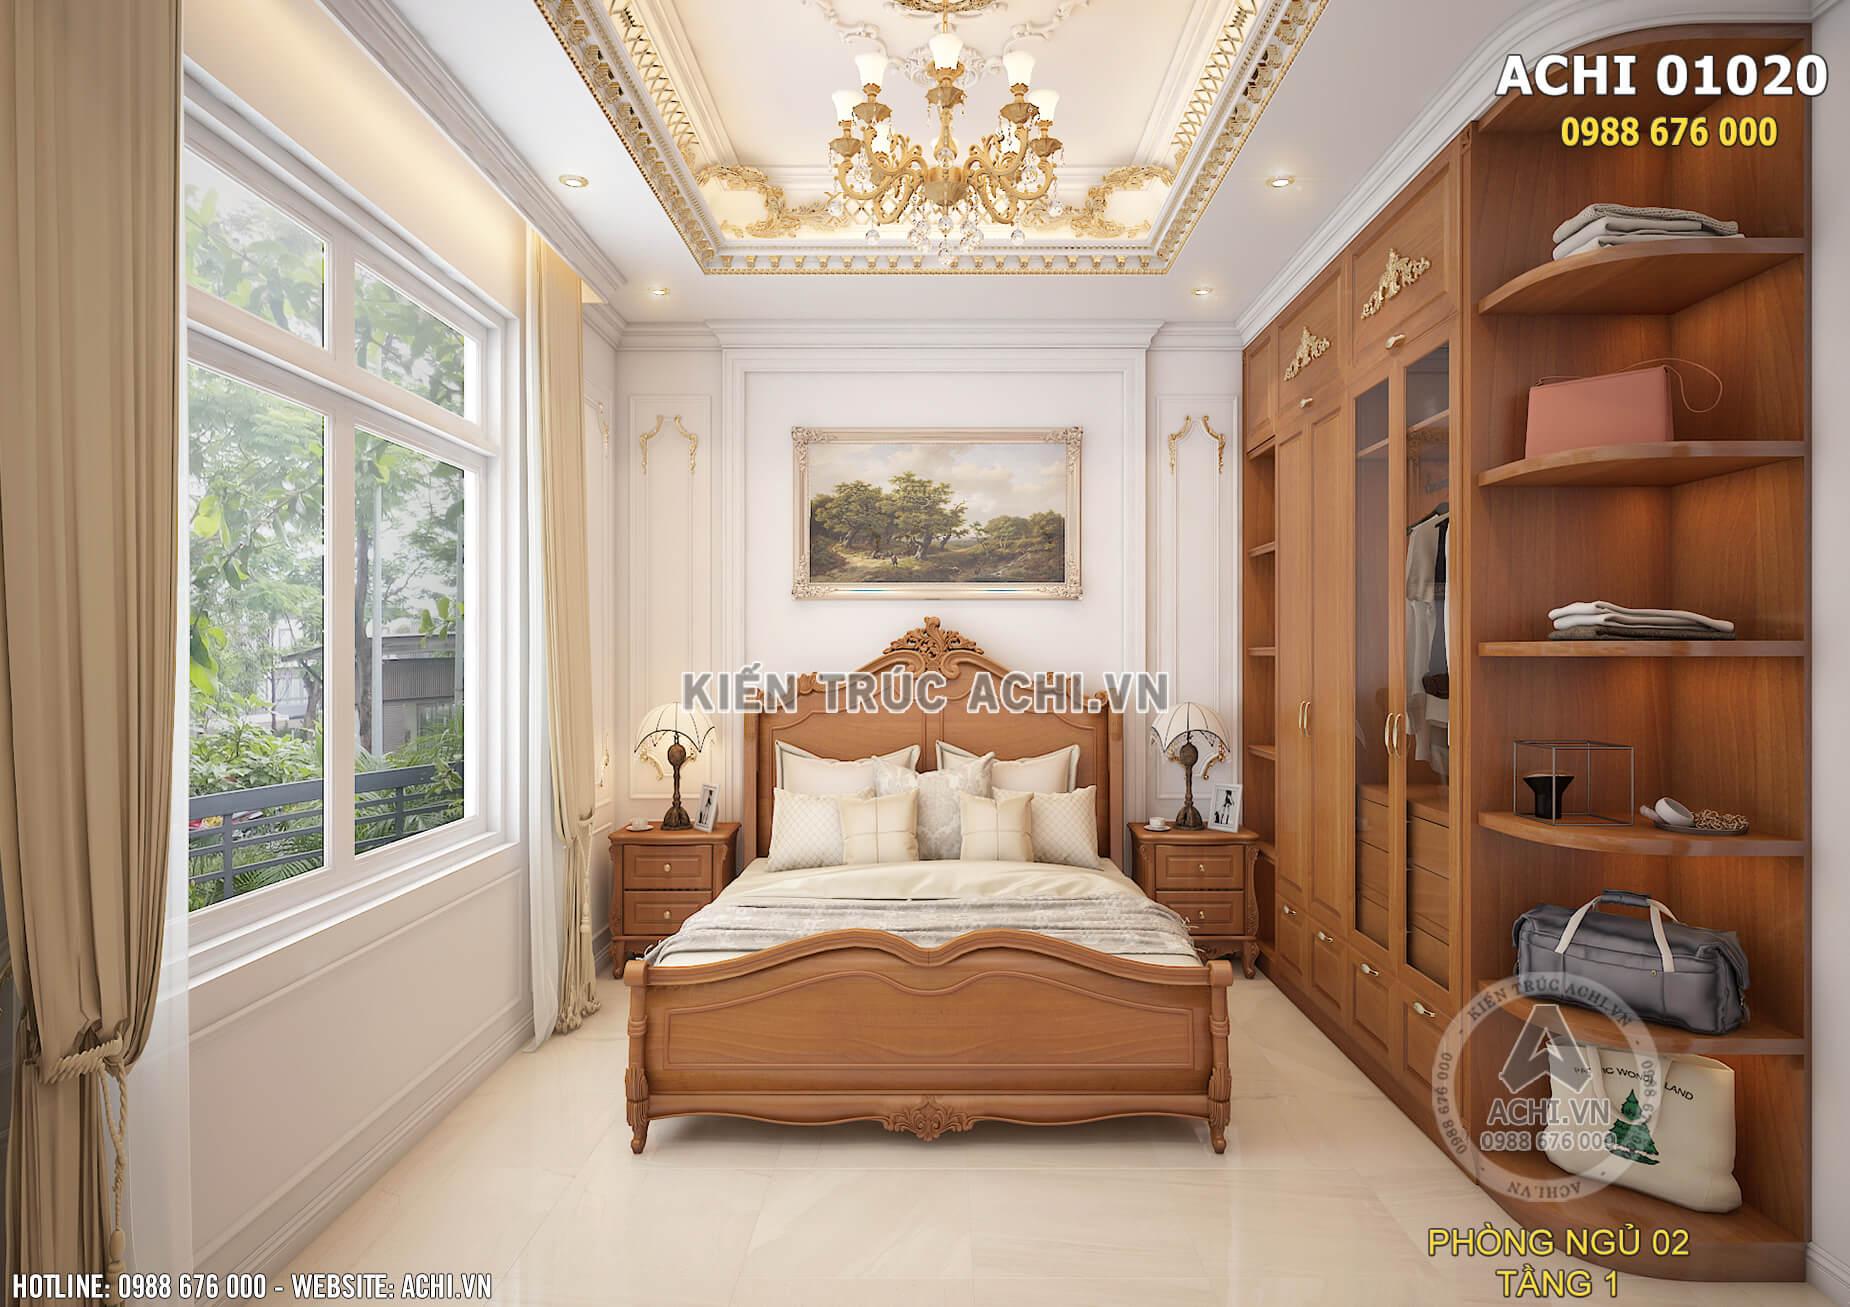 Thiết kế nội thất phòng ngủ độc đáo và ấn tượng